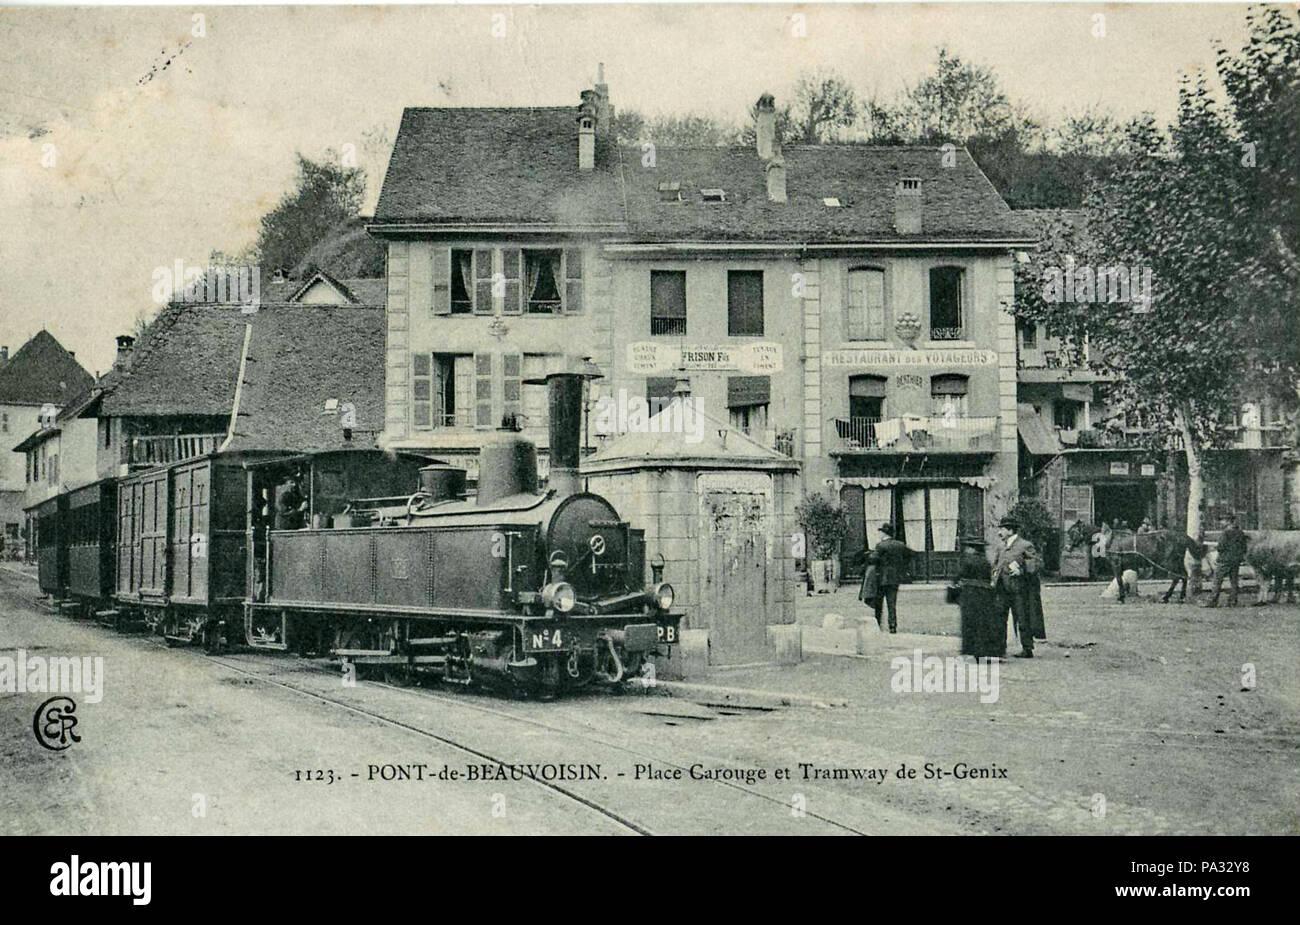 624 ER 1123 - PONT-DE-BEAUVOISIN - Place Carouge et Tramway de St-Genix Banque D'Images